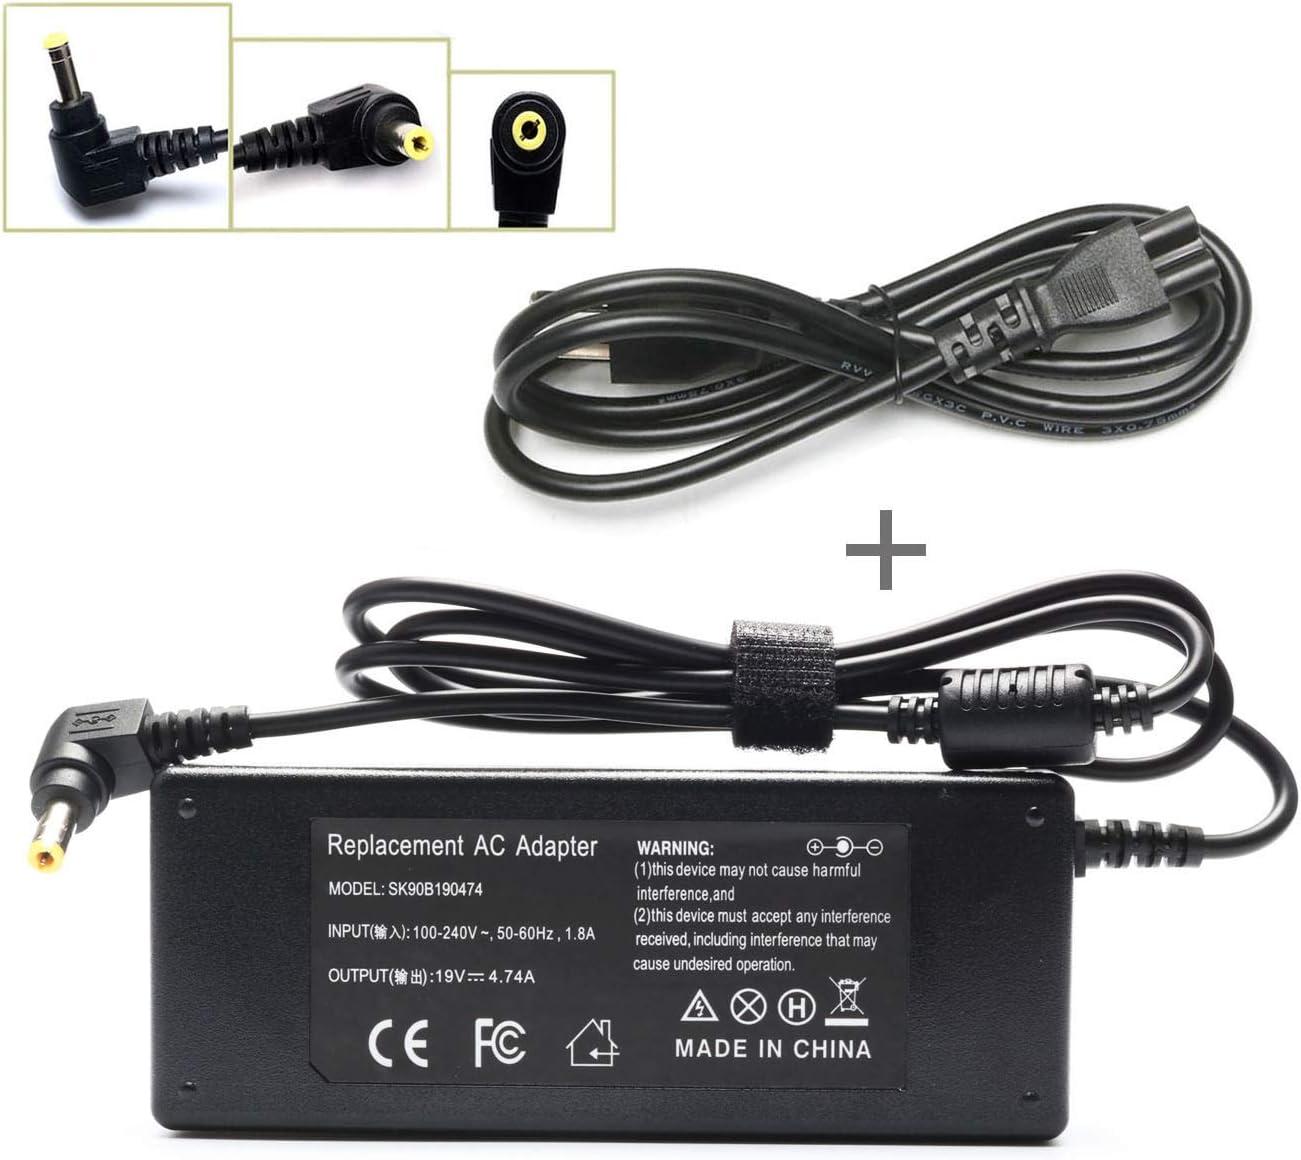 90W L305 L305D L455 L505 Ac Adapter Laptop Charger for Toshiba Satellite L505D L635 L645 L655 L655D L745 L755 L775 L855 L875 A105 A135 C655 C675 C850 C855; PA3714U-1ACA PA5035U-1ACA Power Cord